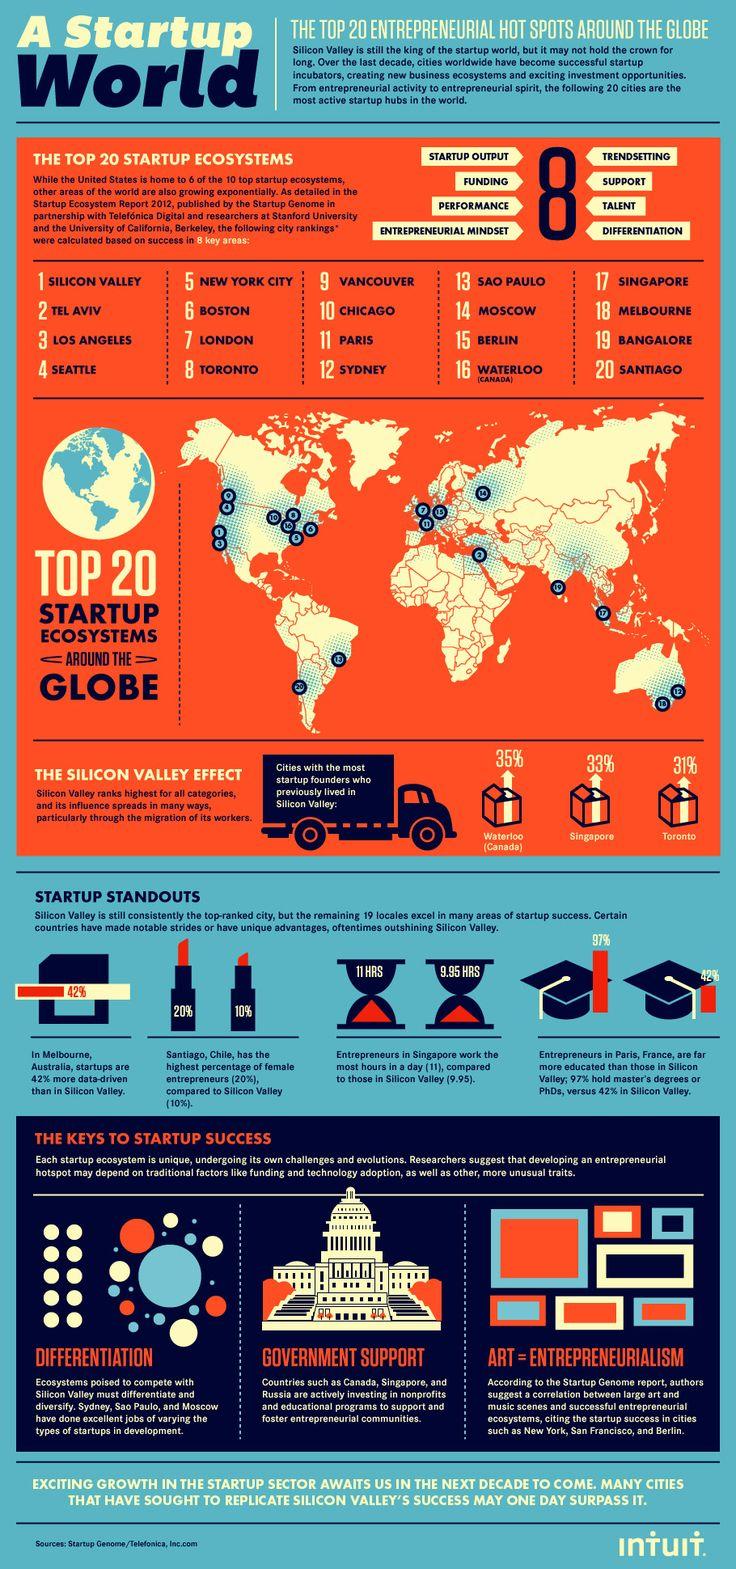 Entrepreneur.com (versión Estados Unidos) entrega esta interesante infografía sobre las zonas más 'hot' donde se están generando startups. Silicon Valley lidera el listado pero también aparecen ciudades latinoamericanas como Santiago de Chile y Sao Paulo.